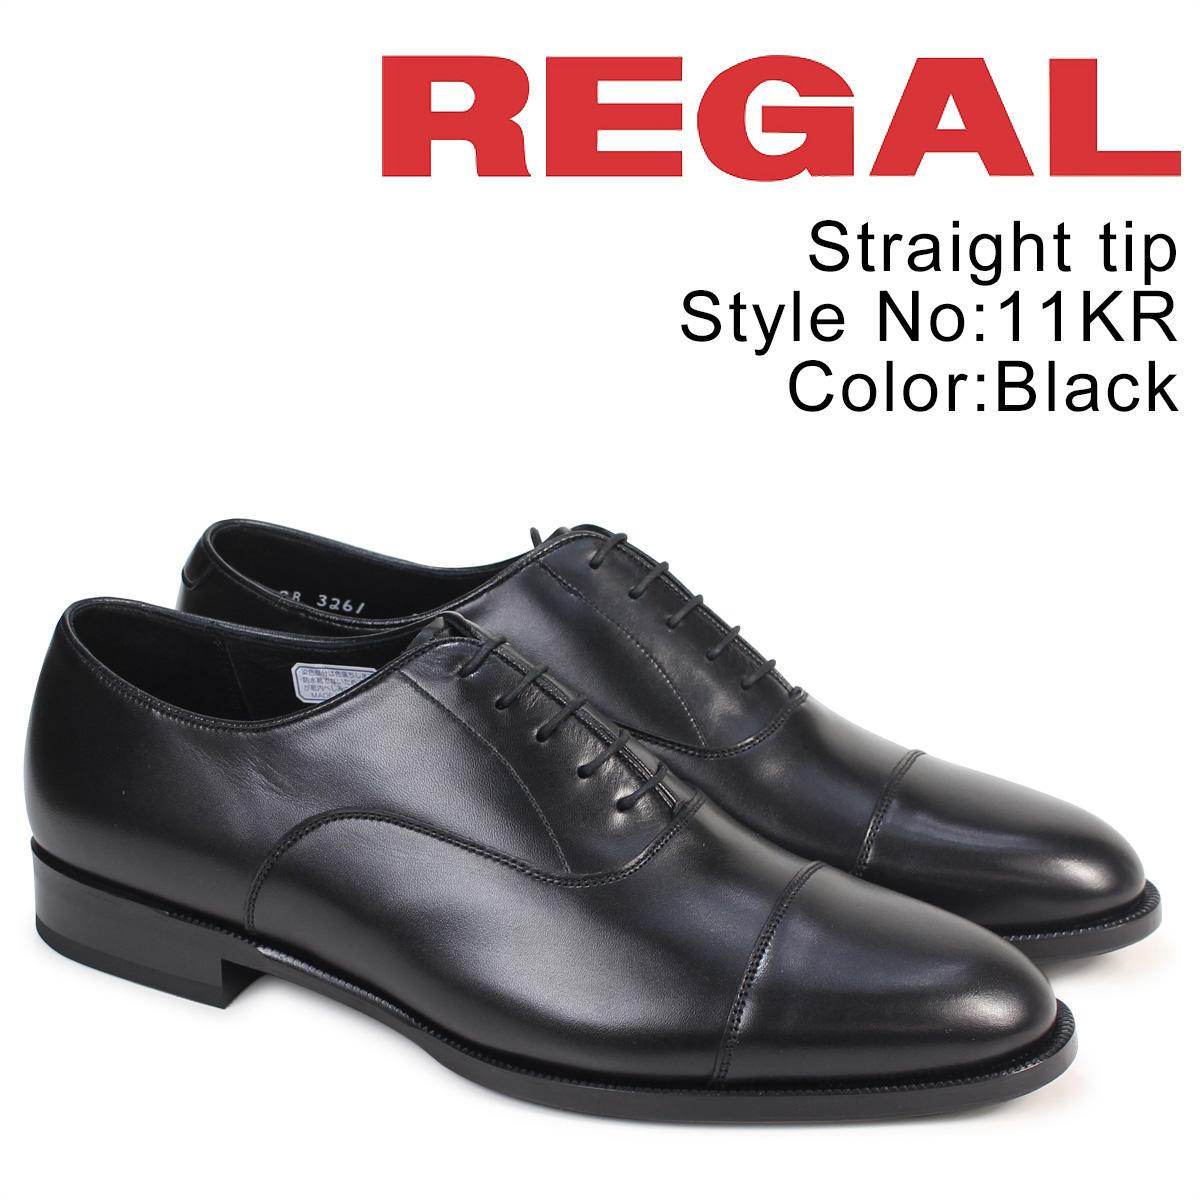 REGAL 11KRBD 靴 メンズ リーガル ストレートチップ ビジネスシューズ 日本製 ブラック